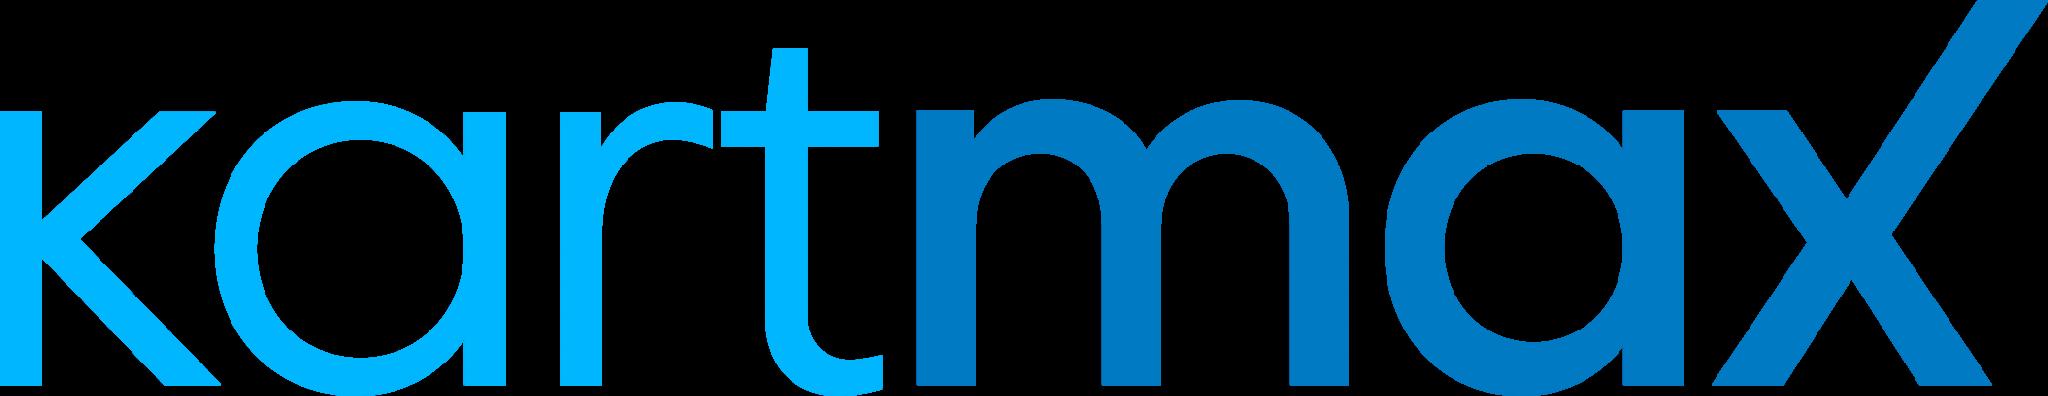 logo_kartmax-2048x396